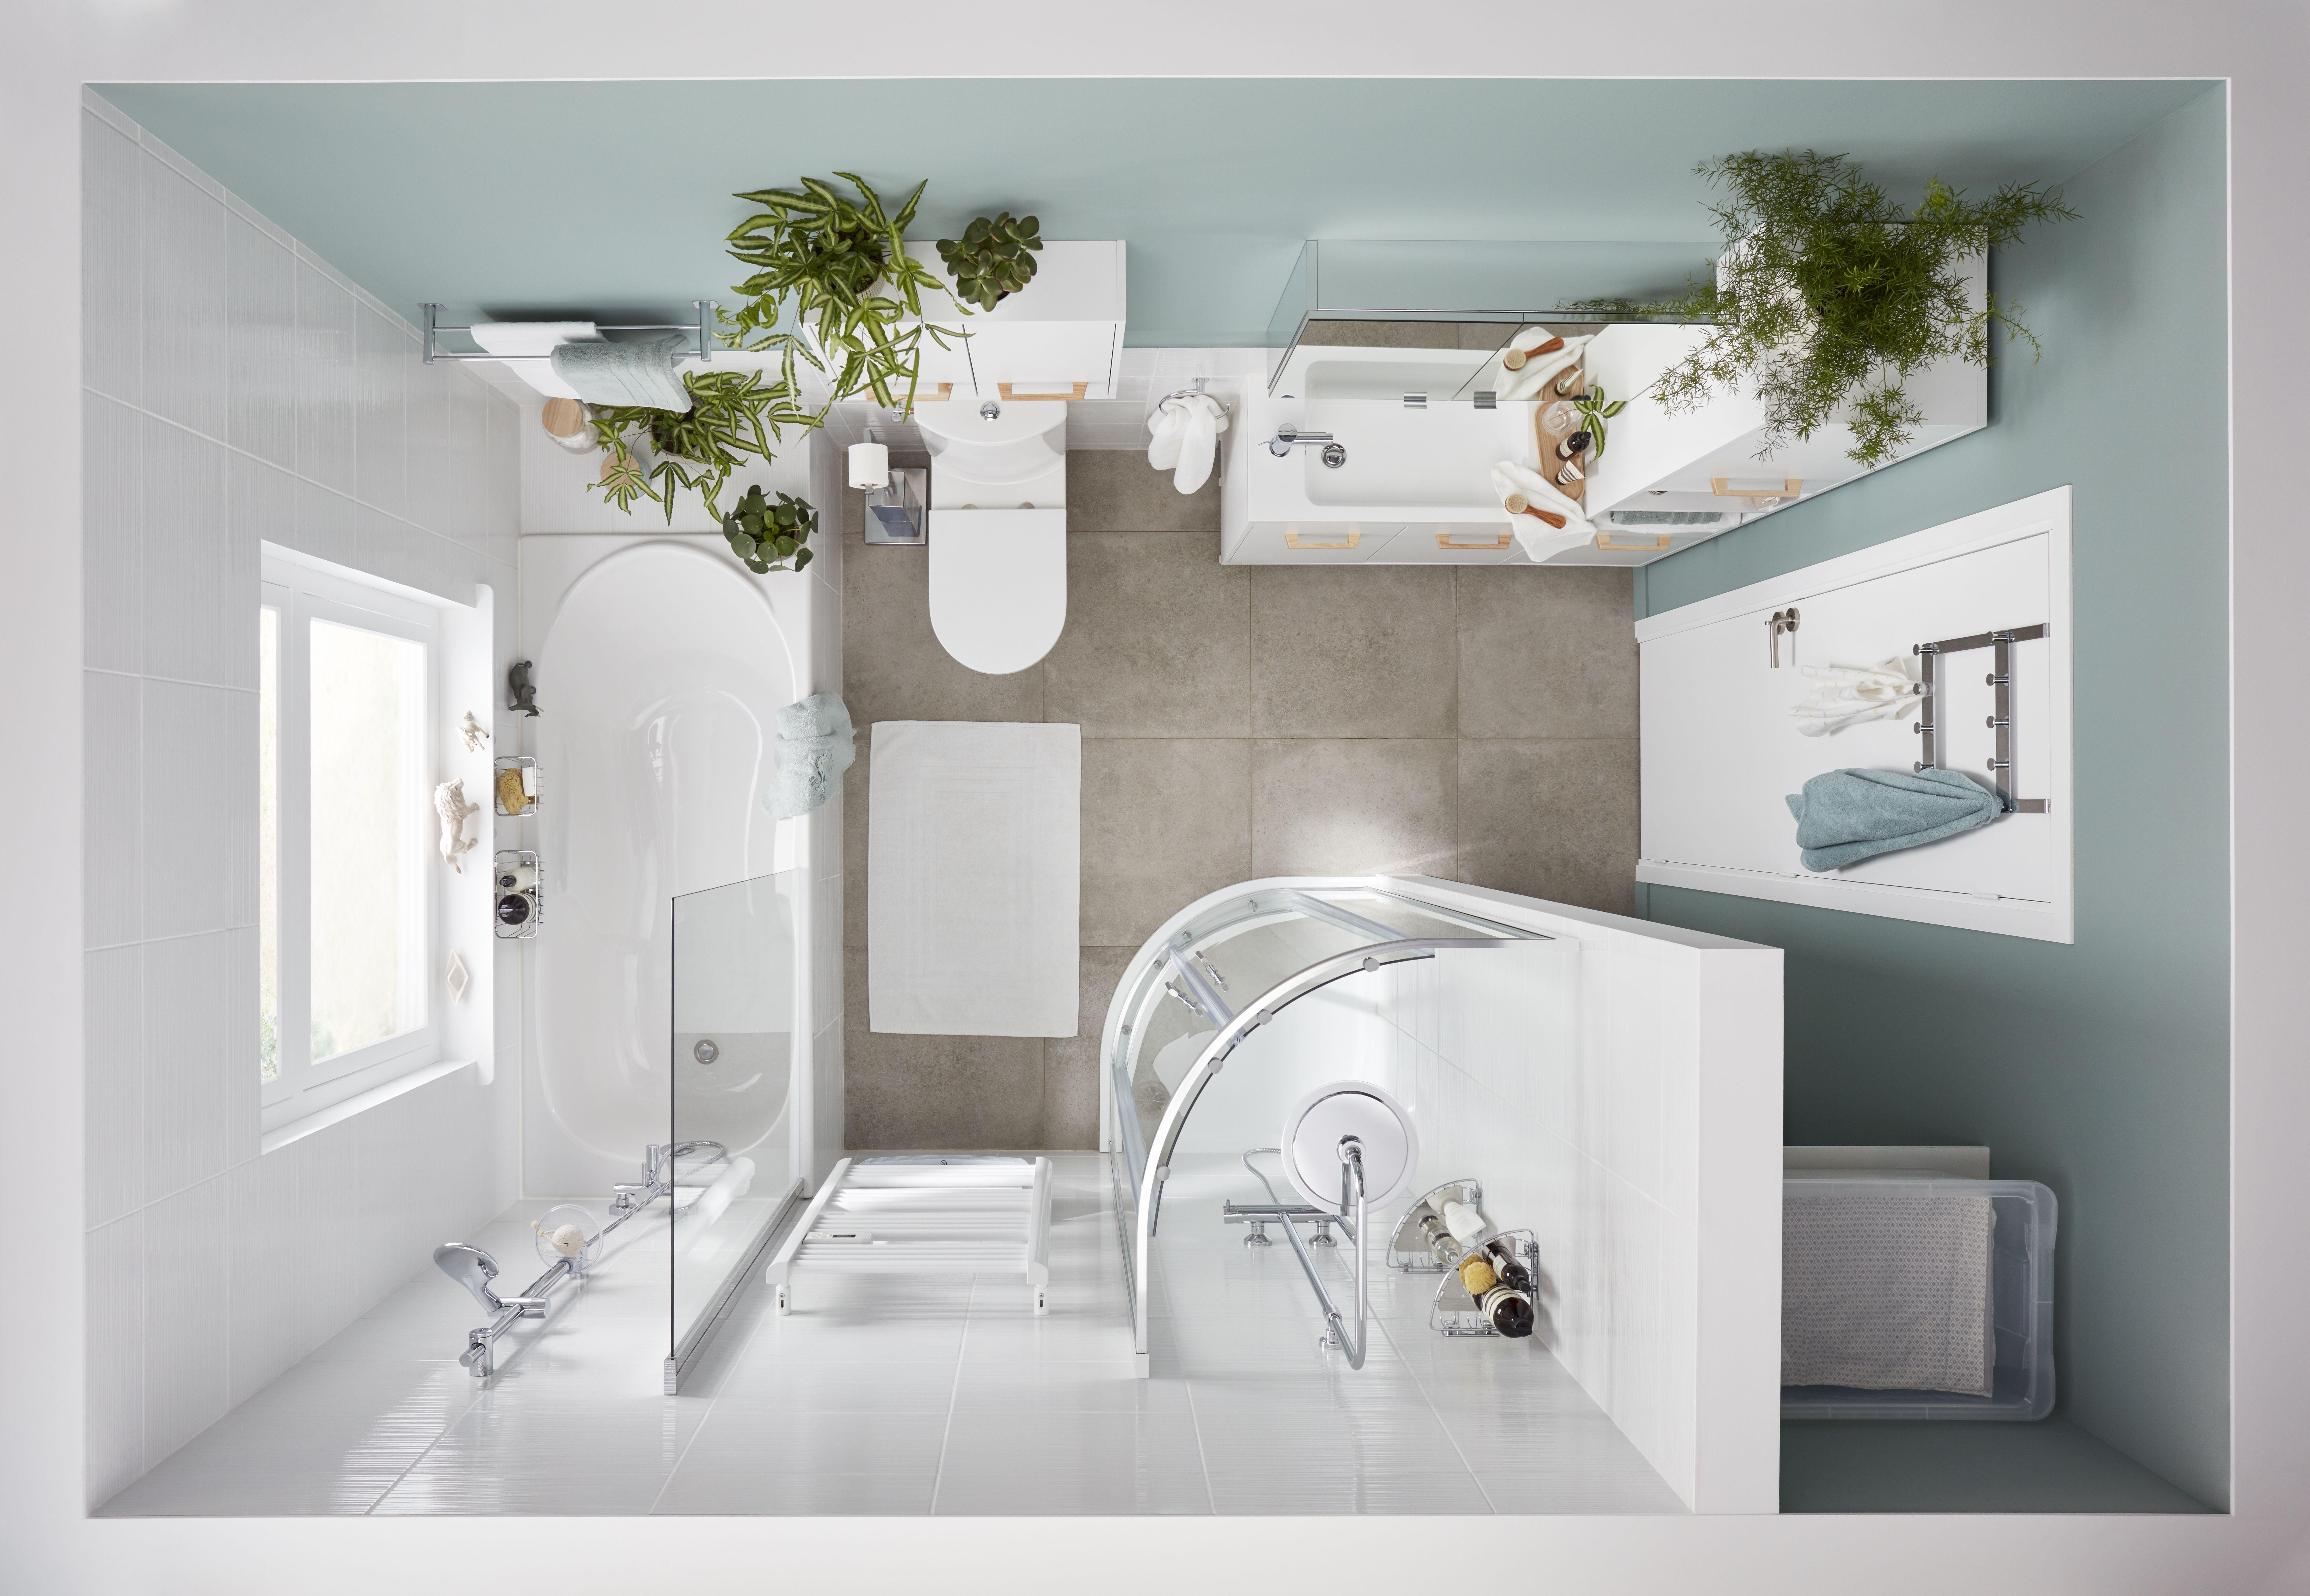 Goodhome Toujours Plus Simple Goodhome Maison Appartement Logement Salledebains Interieur Bricolage Am Inspiration Salle De Bain Salle De Bain Maison